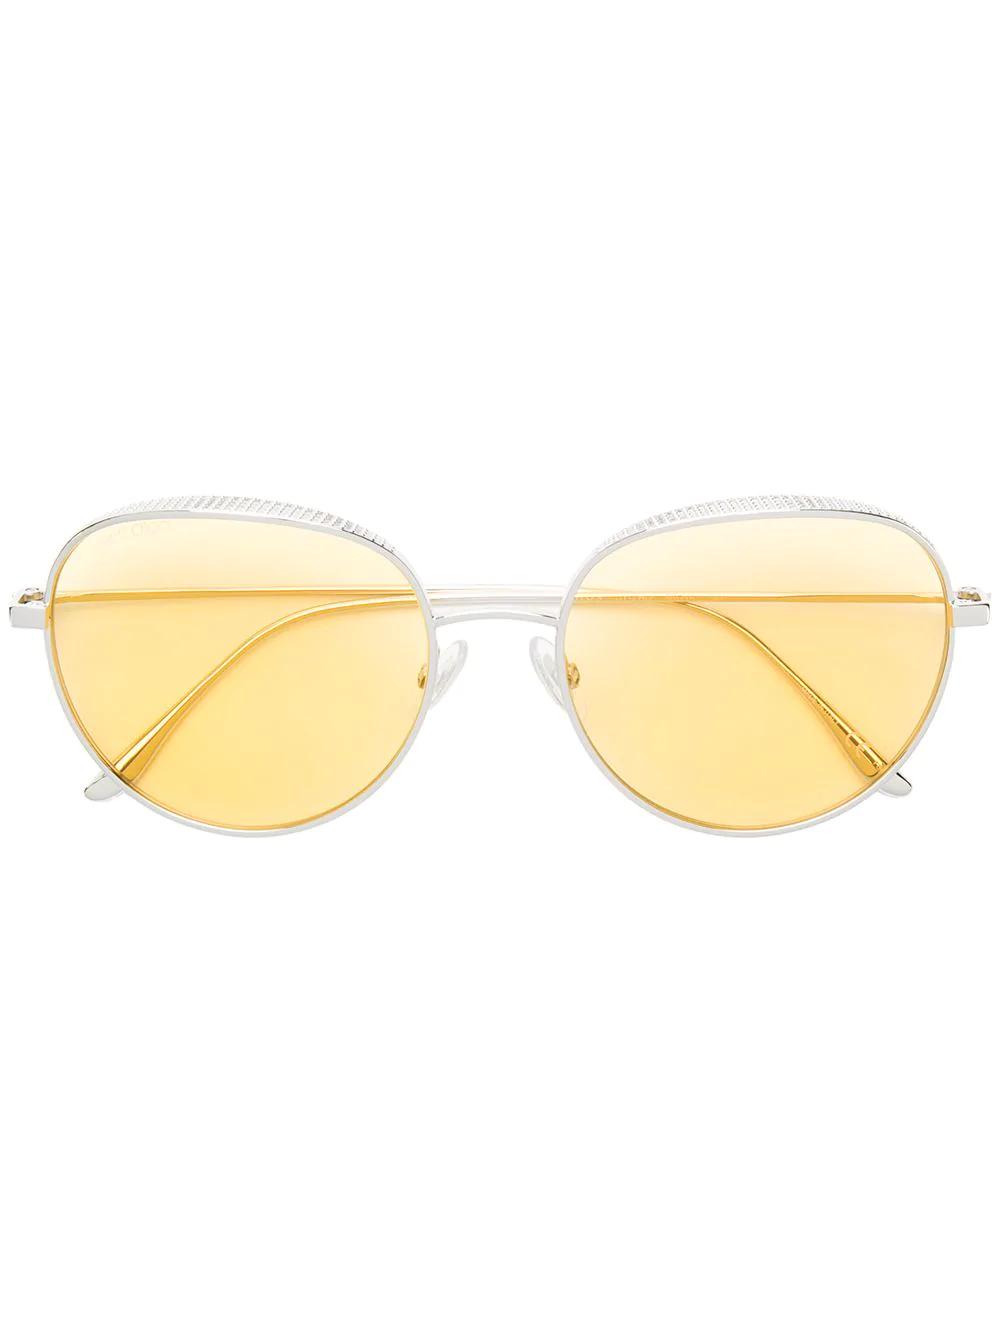 045abd23367 Jimmy Choo Eyewear Ellos Sunglasses - Gold. Farfetch